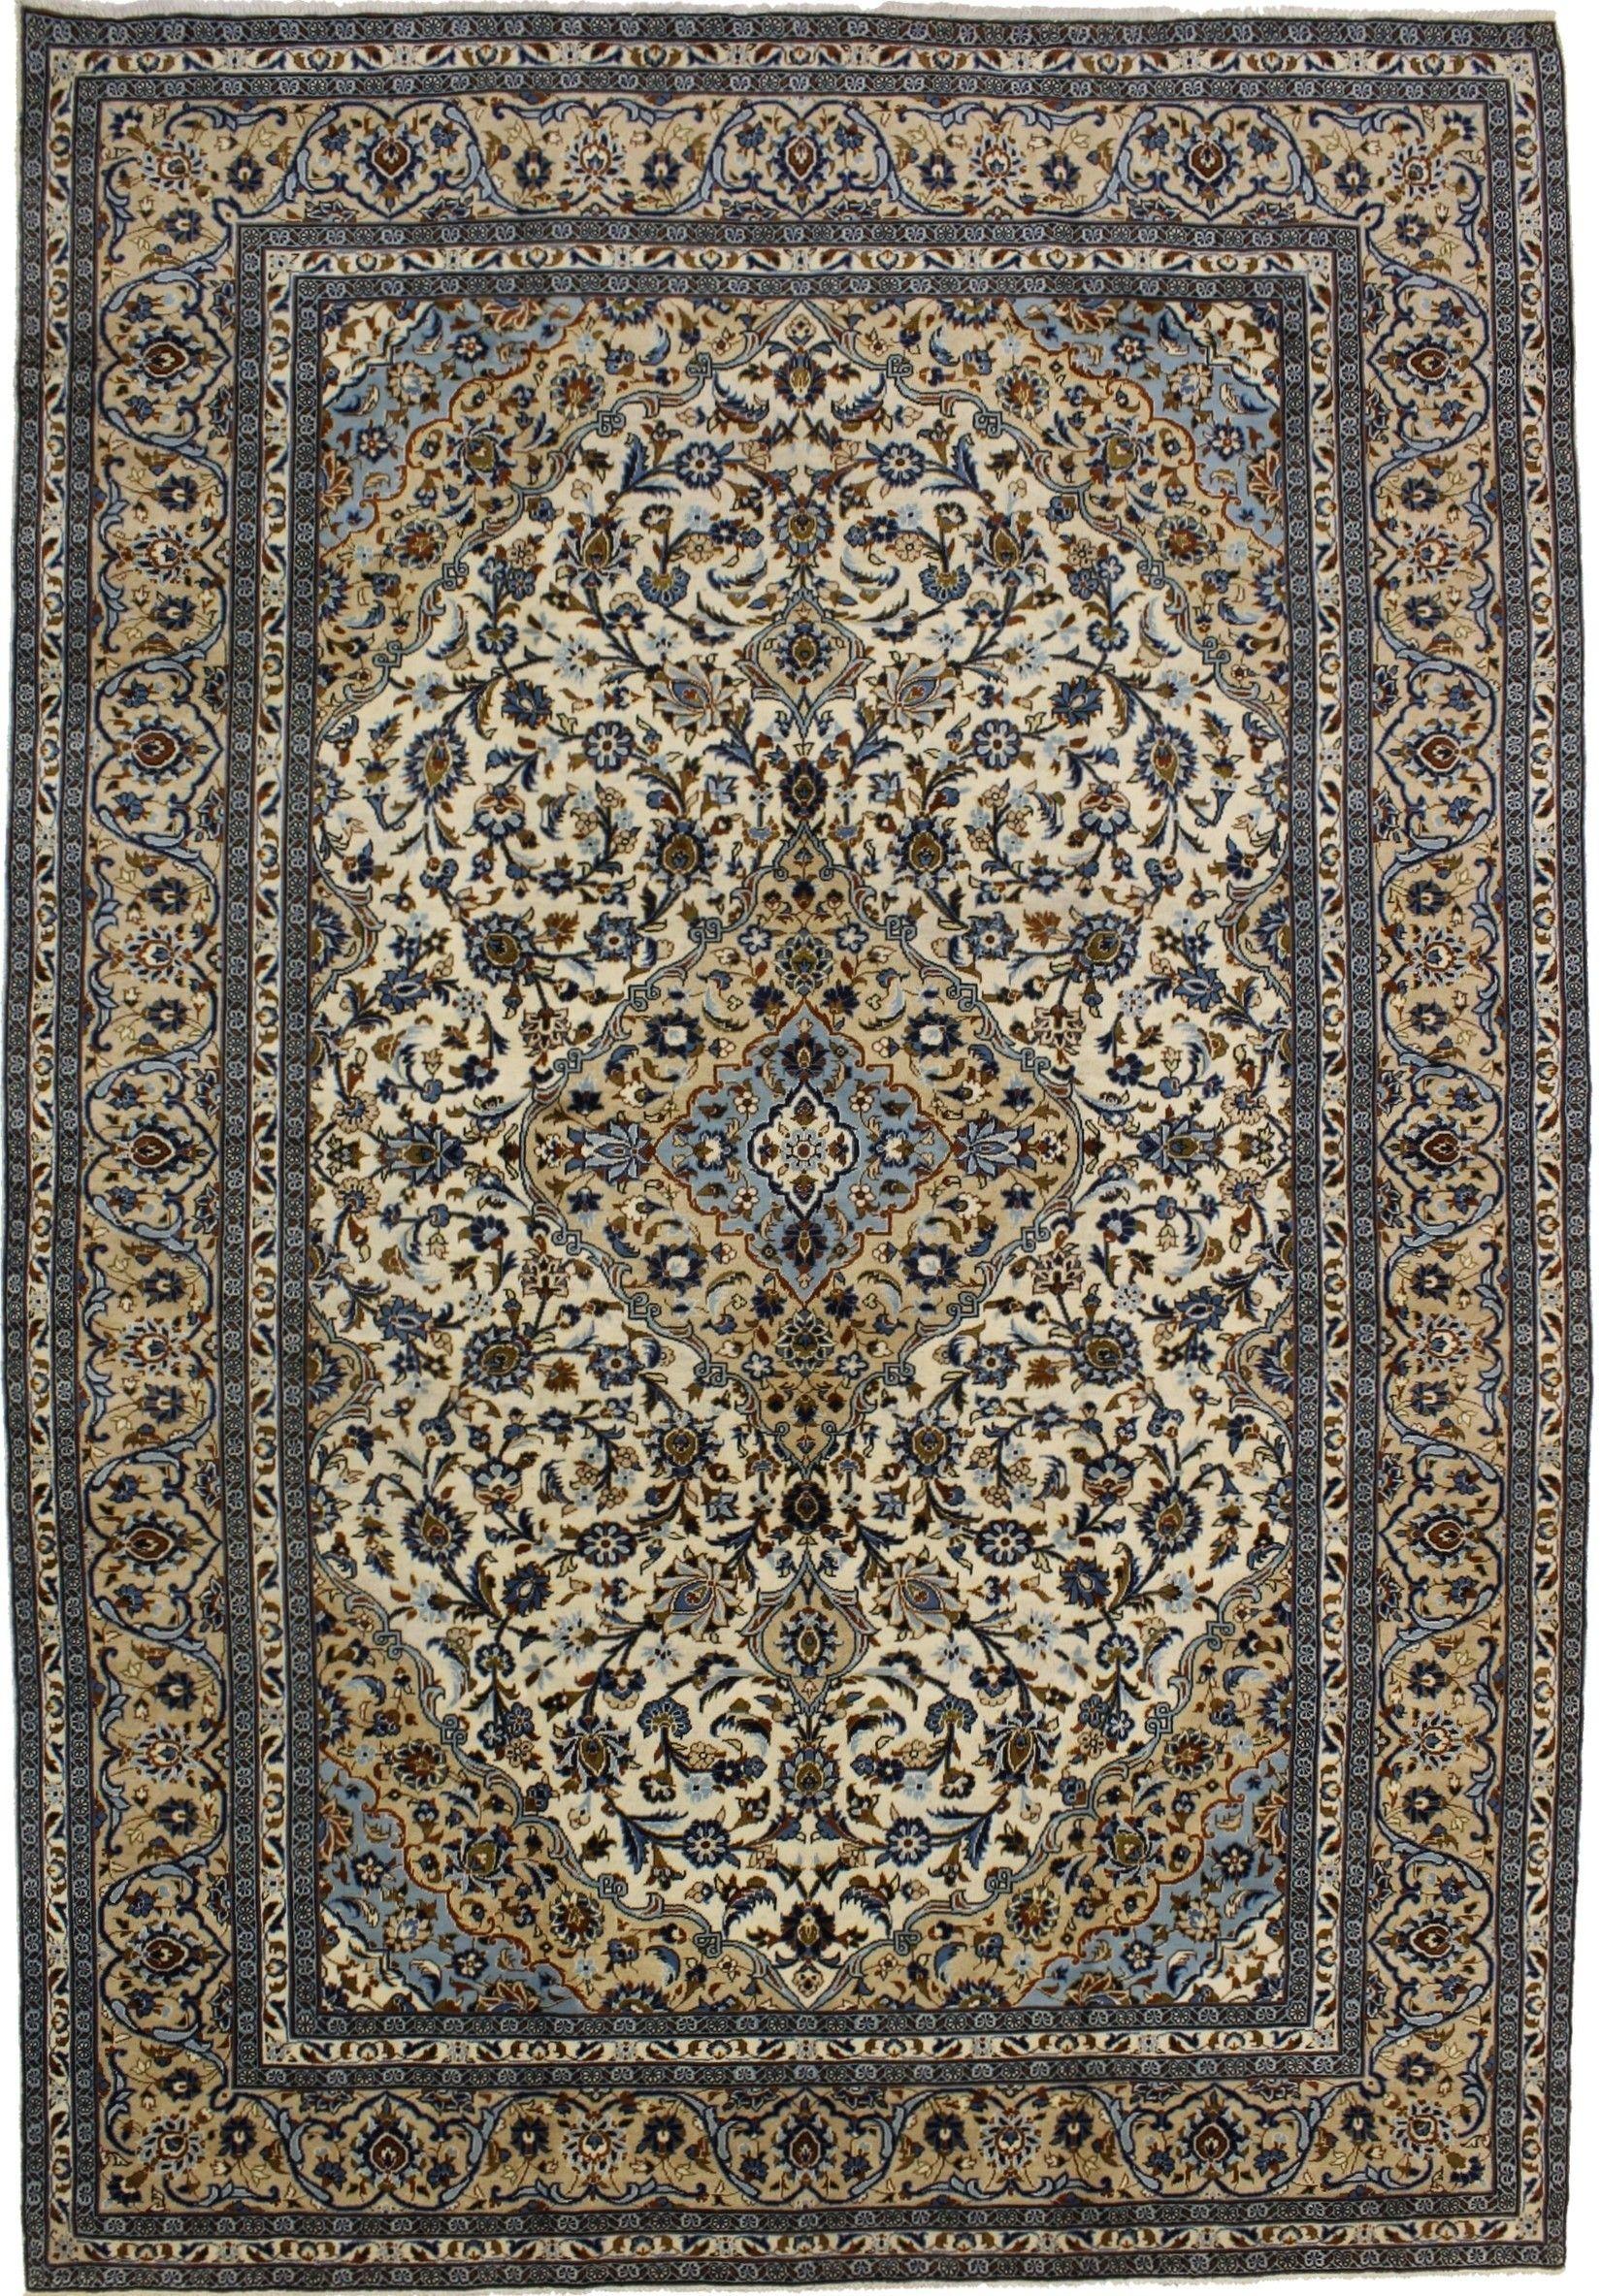 Antique Persian Rugs Amazing S Antique Handmade Cream Kashan Persian Rug Oriental Area Carpet 10x14 Magic Rugs Carpet Handmade Rugs Rugs And Carpet